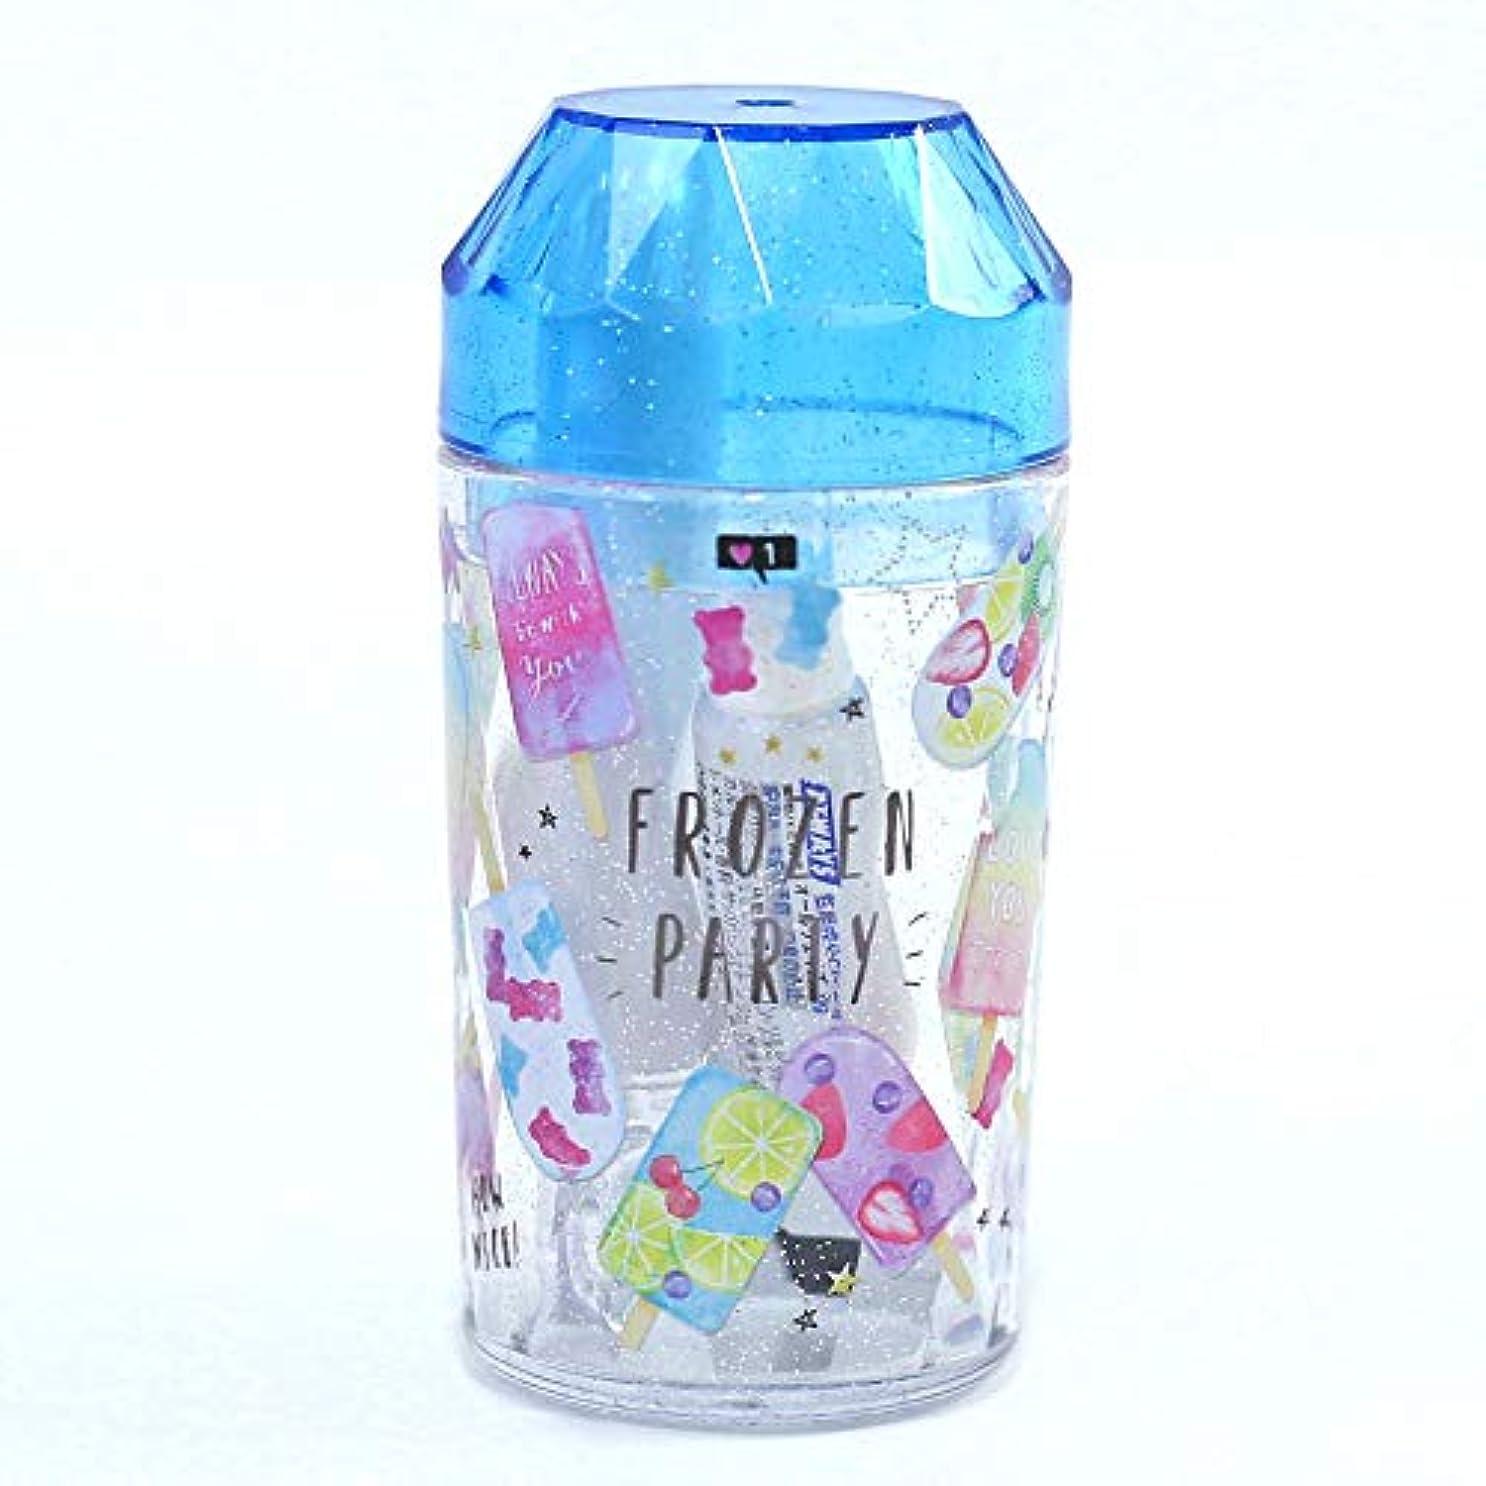 プラカードヒゲバスタブコスメイト歯磨きセット アイス 小学生 女の子 人気 かわいい 歯ブラシ